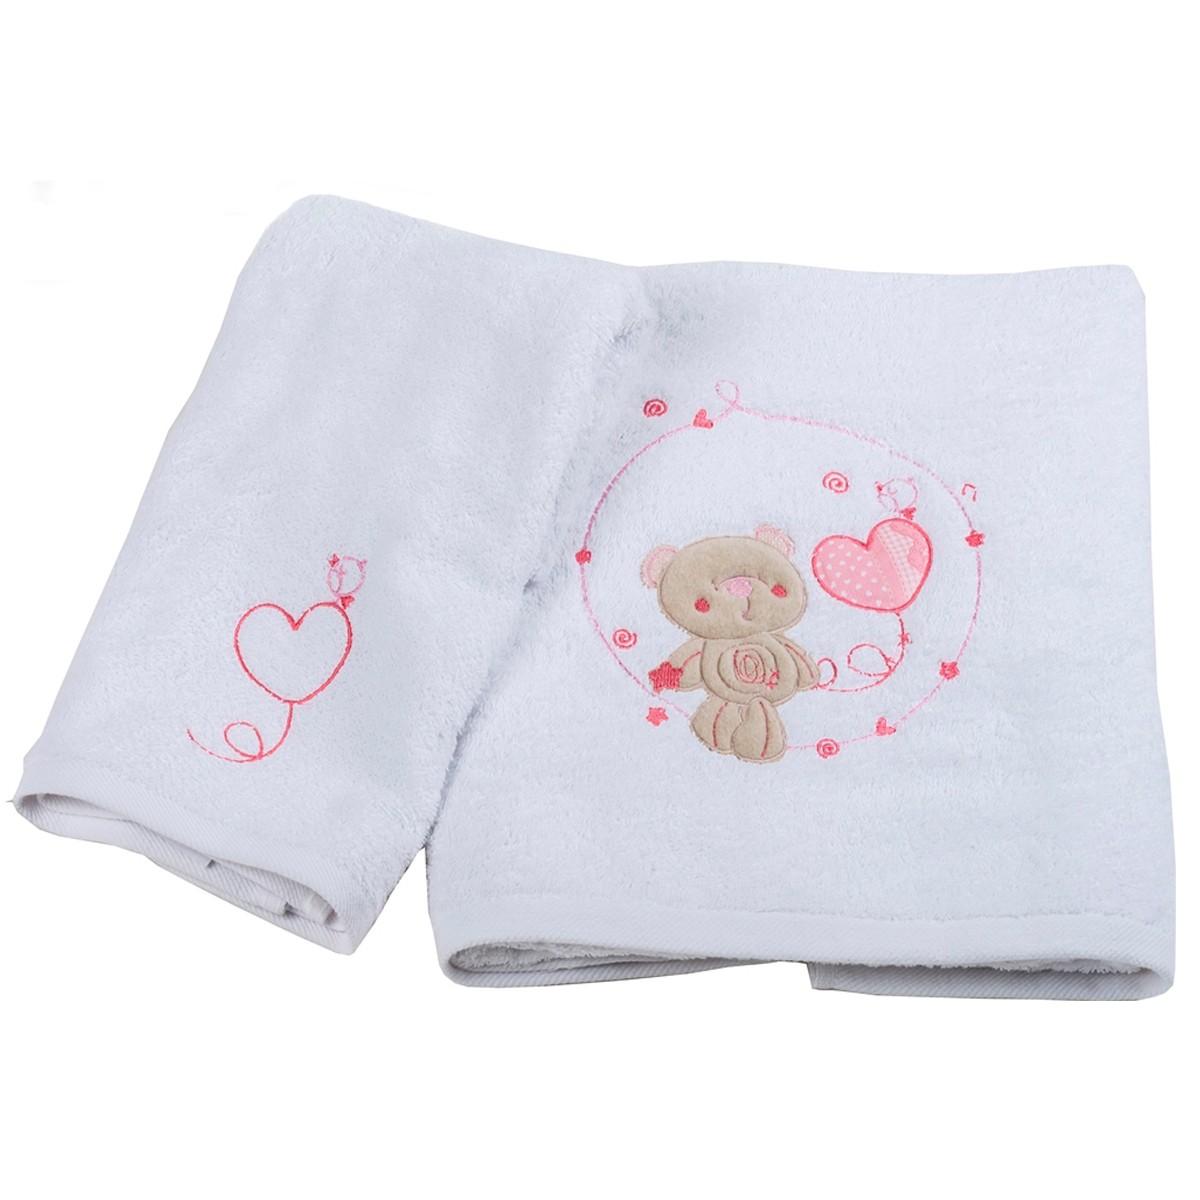 Βρεφικές Πετσέτες (Σετ 2τμχ) Κόσμος Του Μωρού Heart 0575 Ροζ